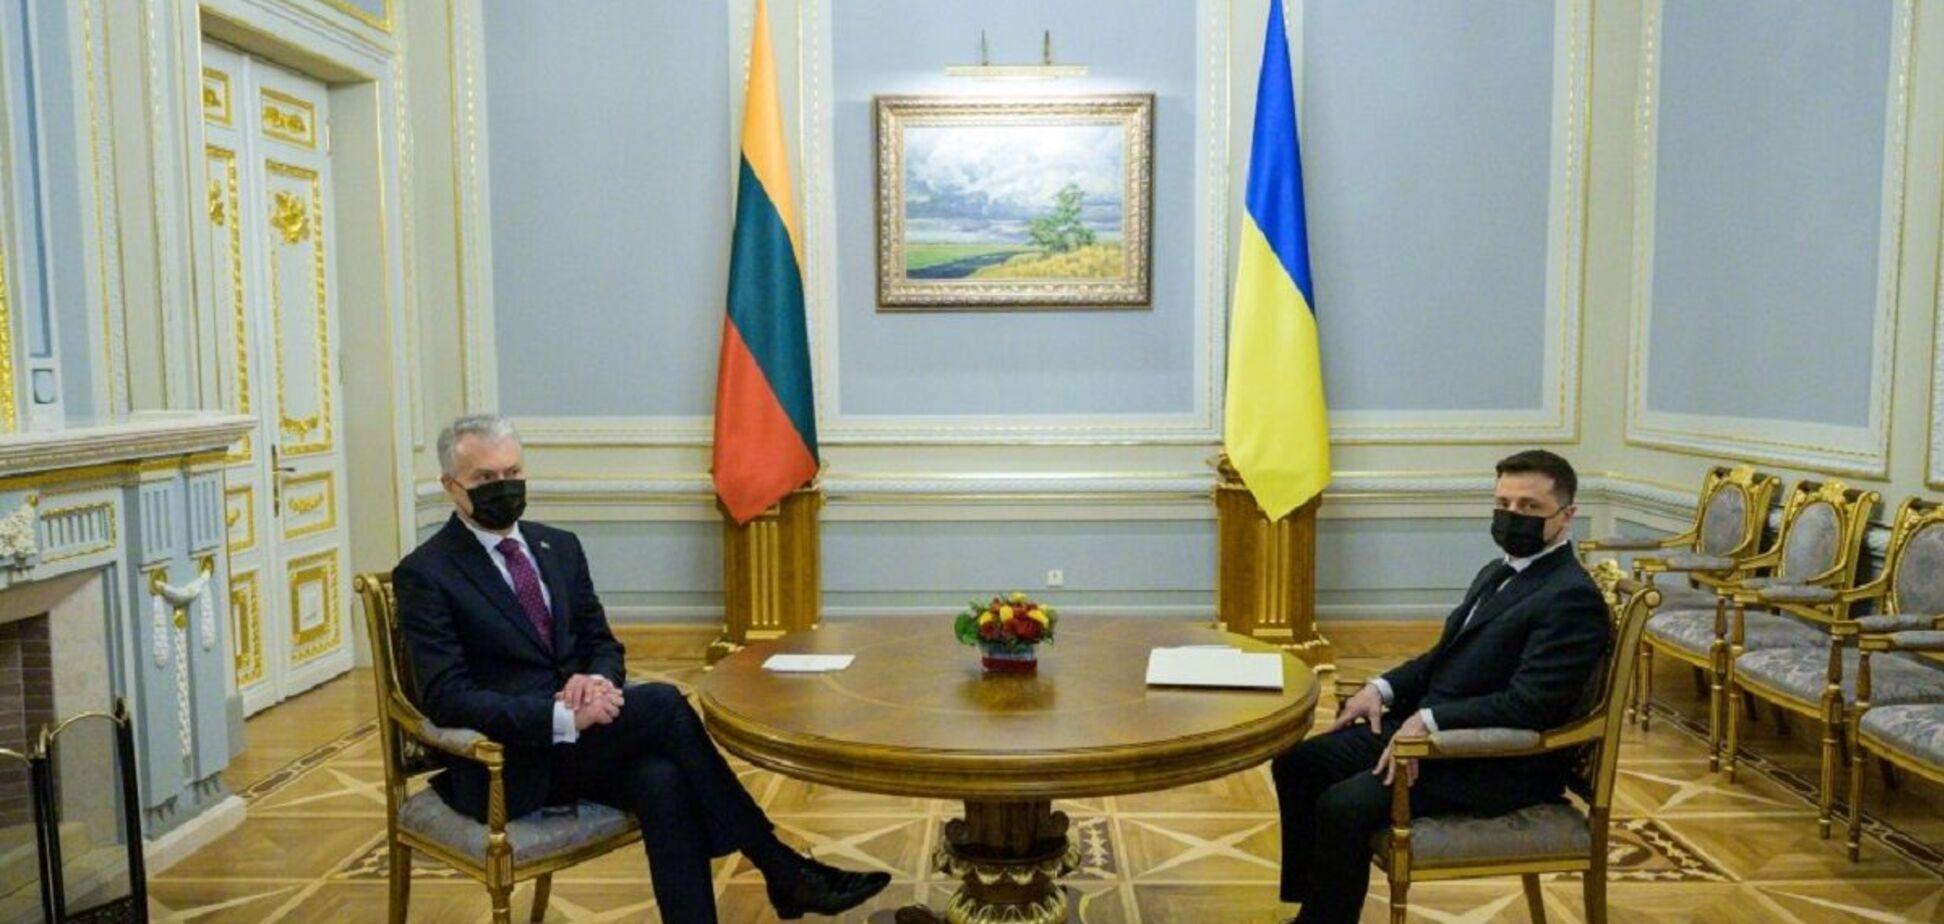 Литва підтримає вступ України в ЄС: підписано документ